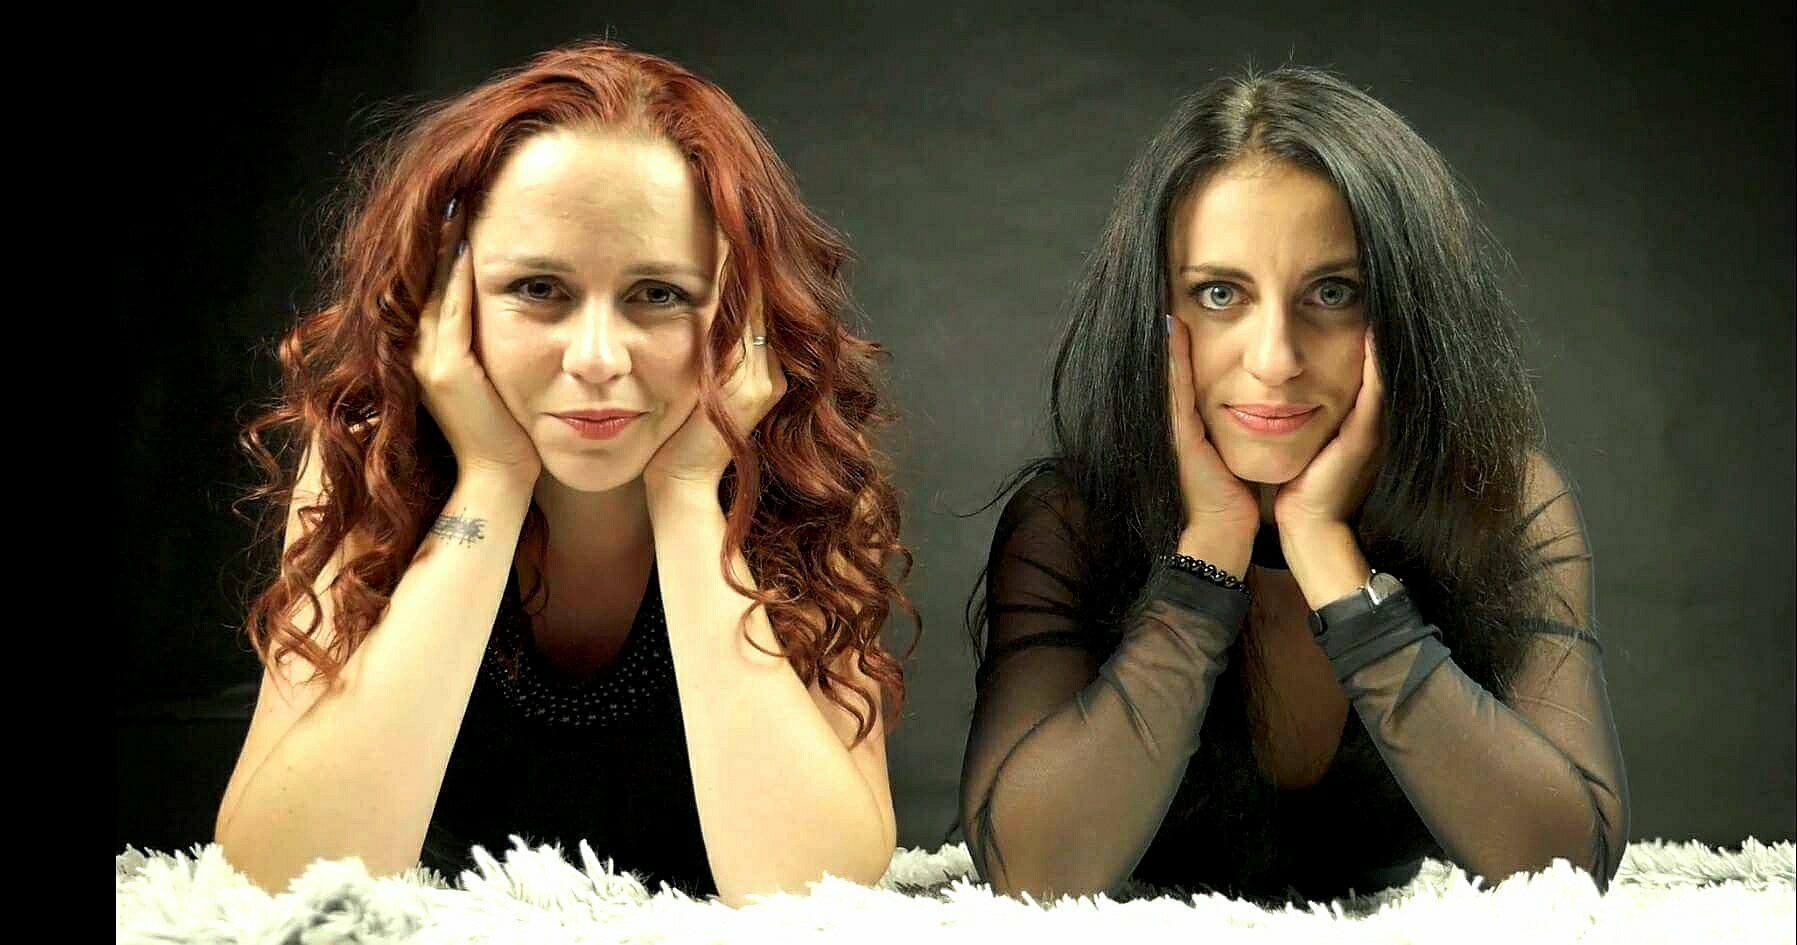 Bára Smejkalová a Markéta Procházková, zdroj: archív autorky